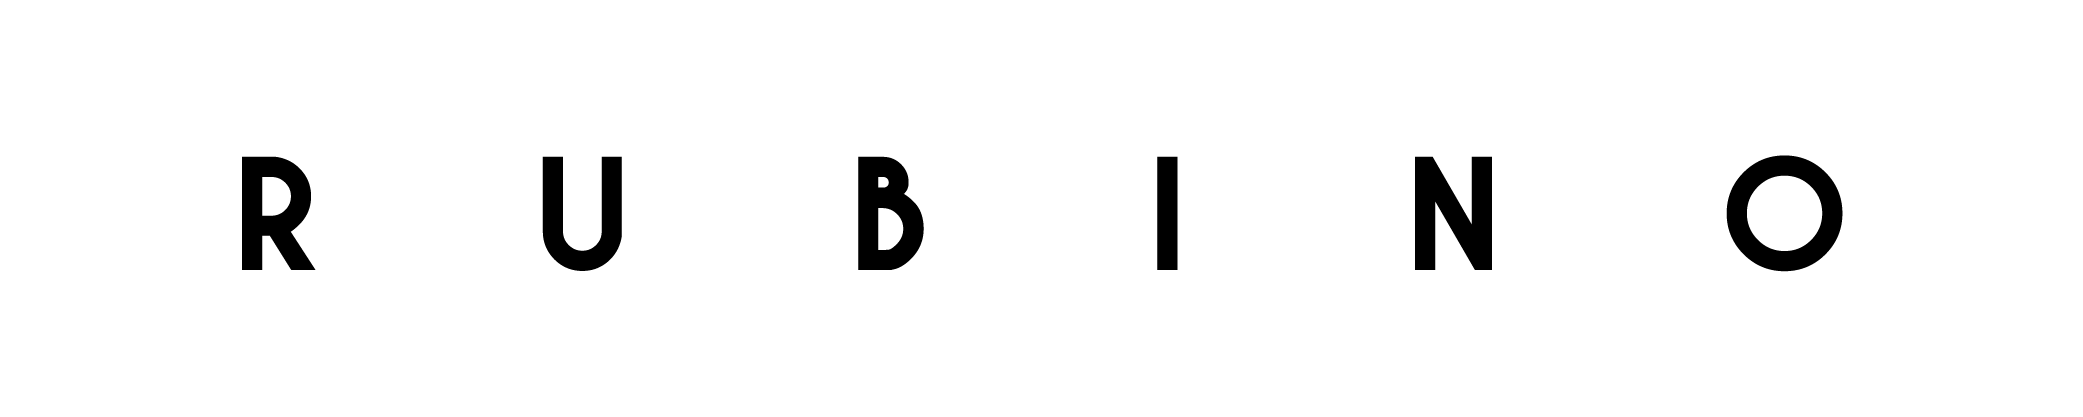 Rubino Online Store Logo